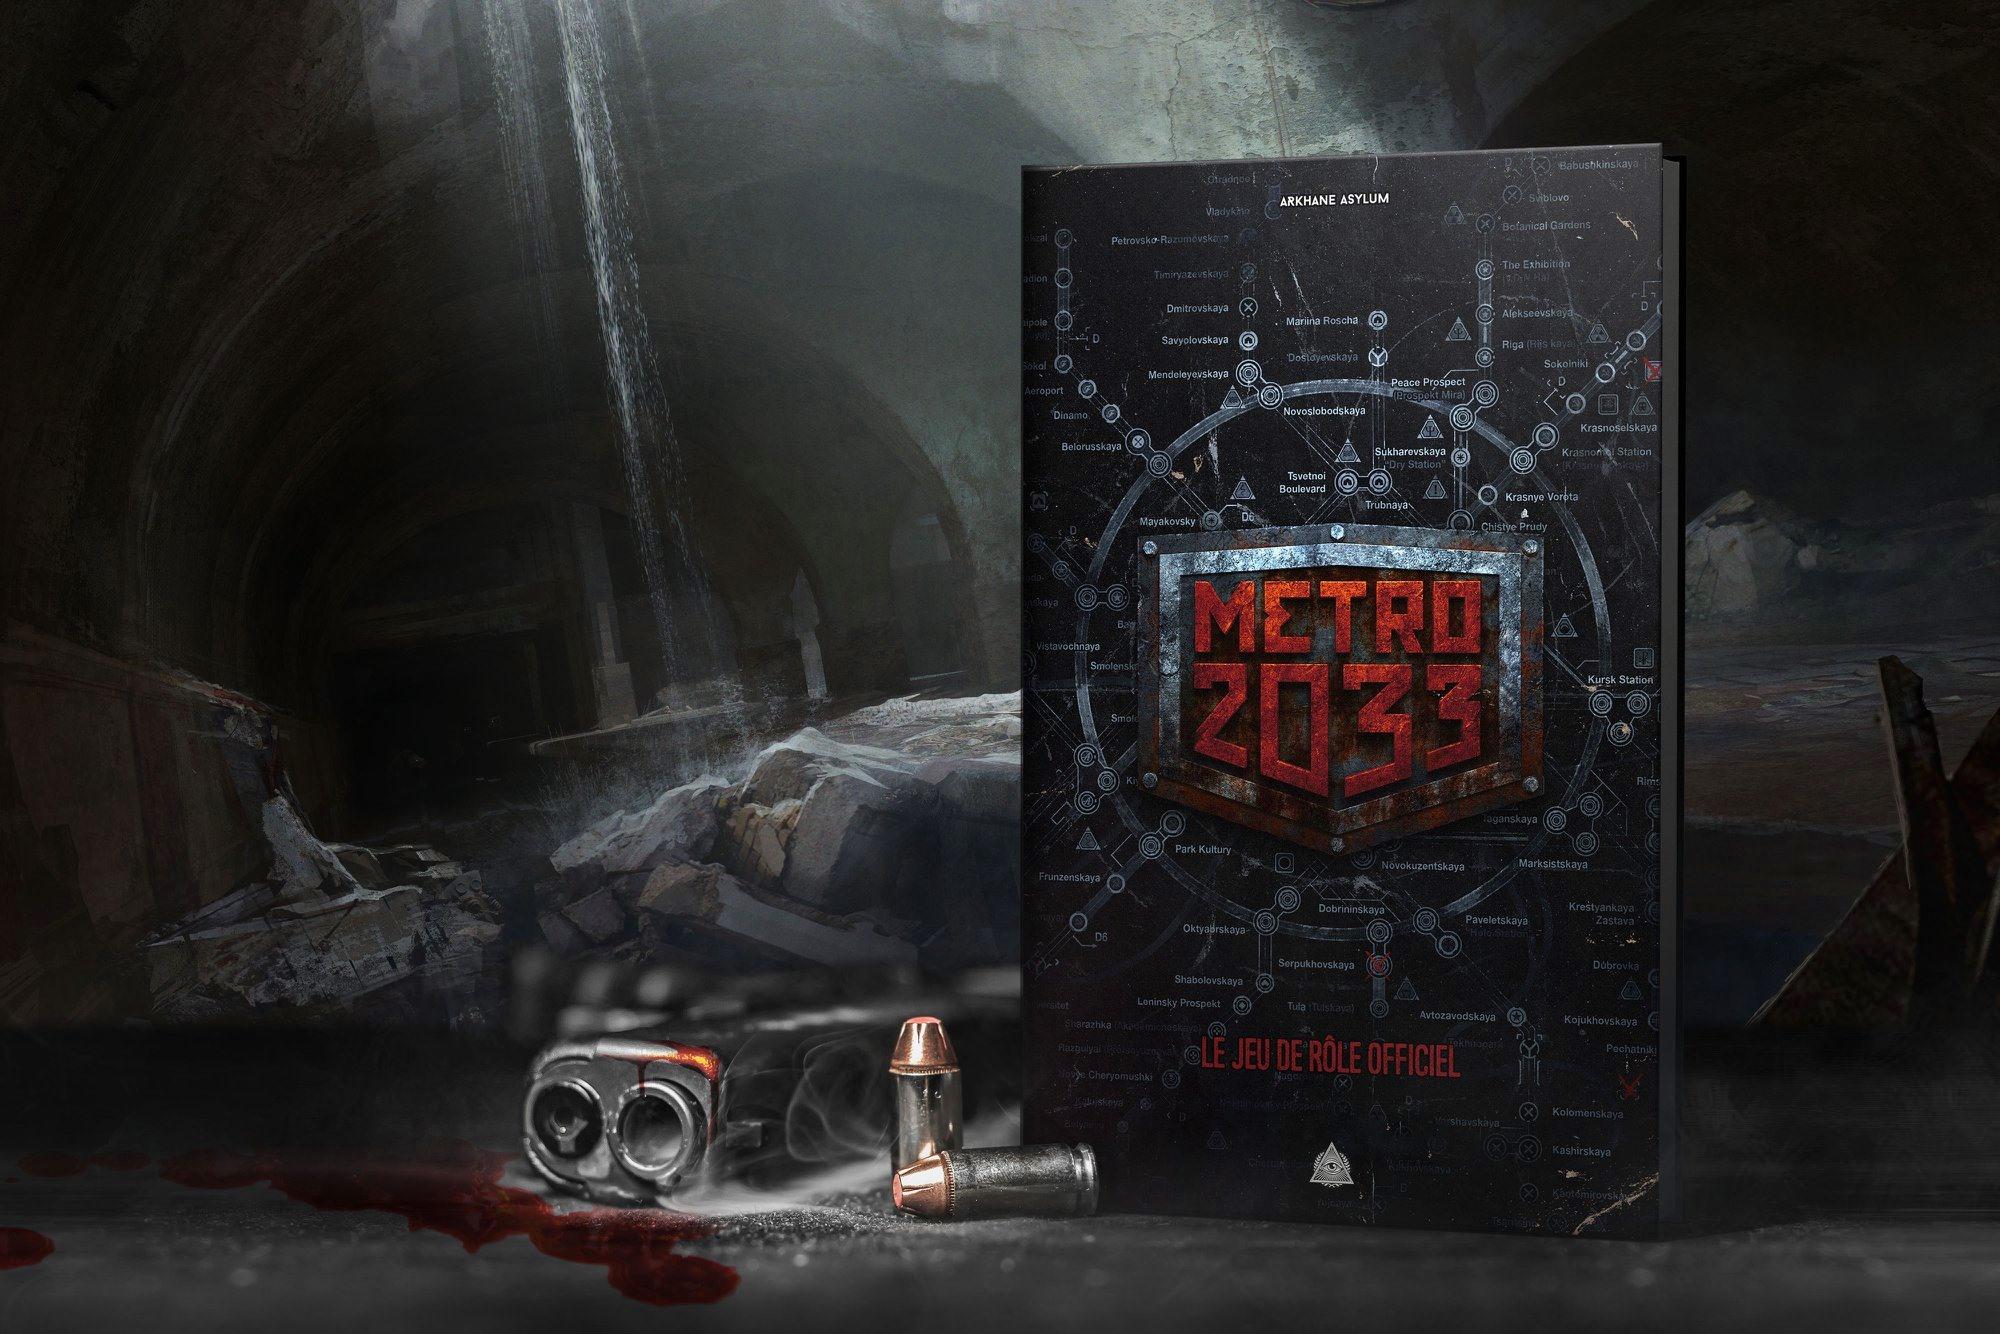 Французский издатель выпустит НРИ по вселенной «Метро 2033» — на основе правил «Точка отсчёта»